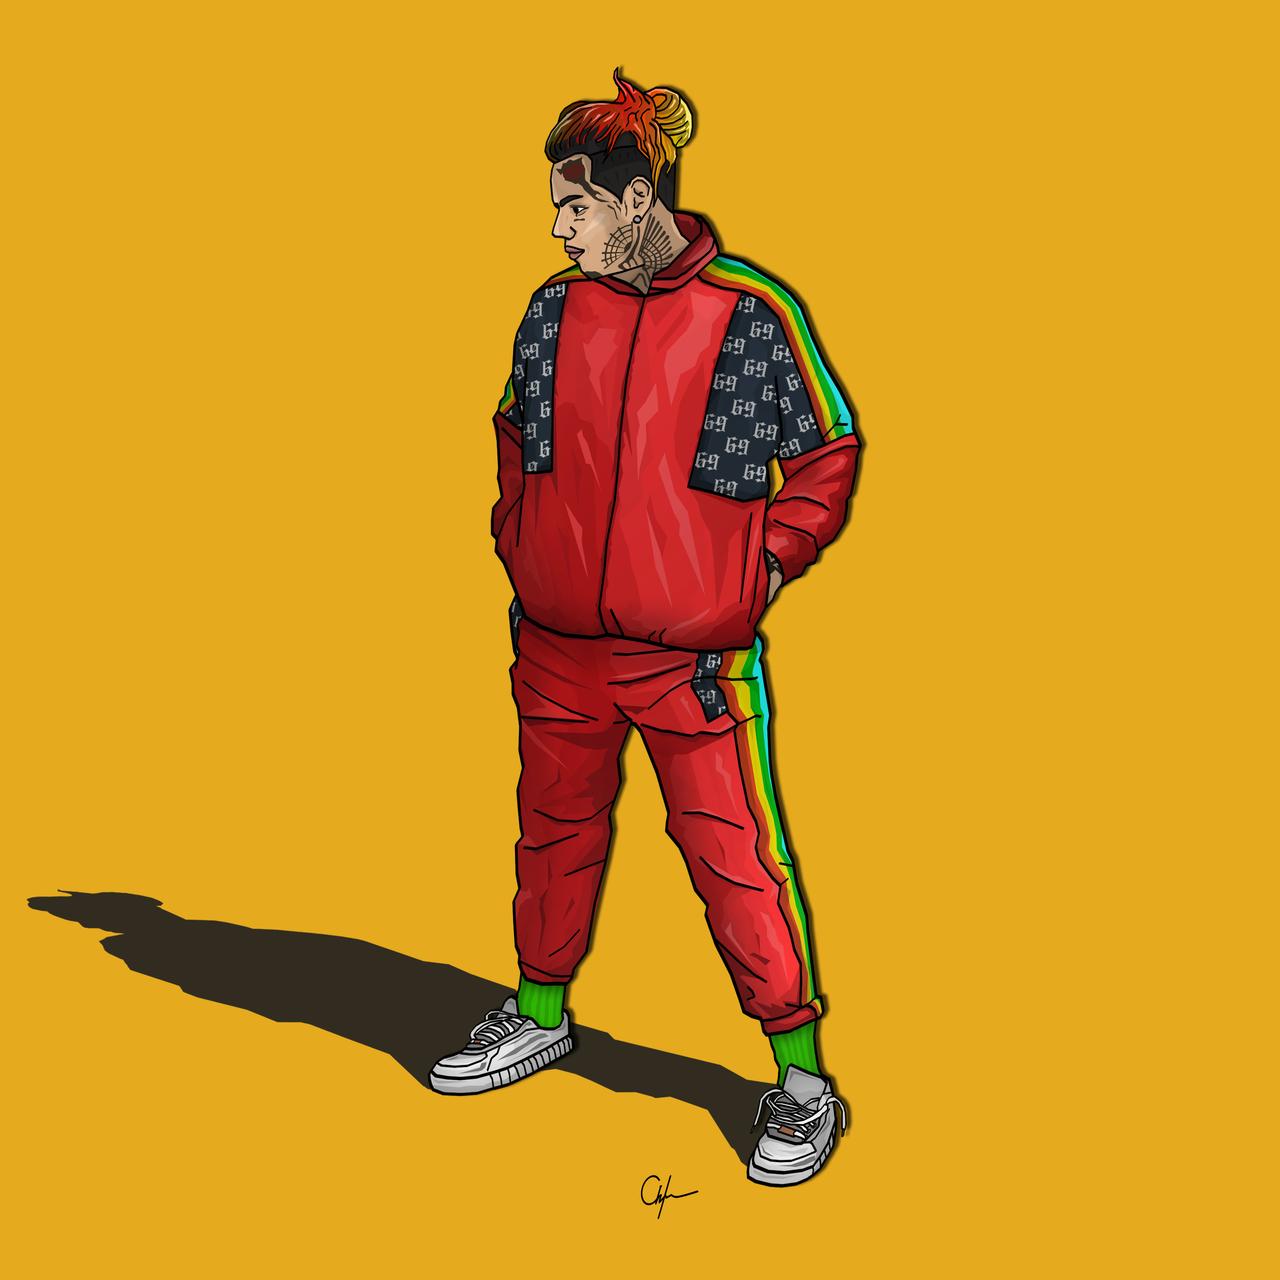 Pin by CAUTION on 6IX9INE in 2019 | Rapper art, Sneaker art, Art